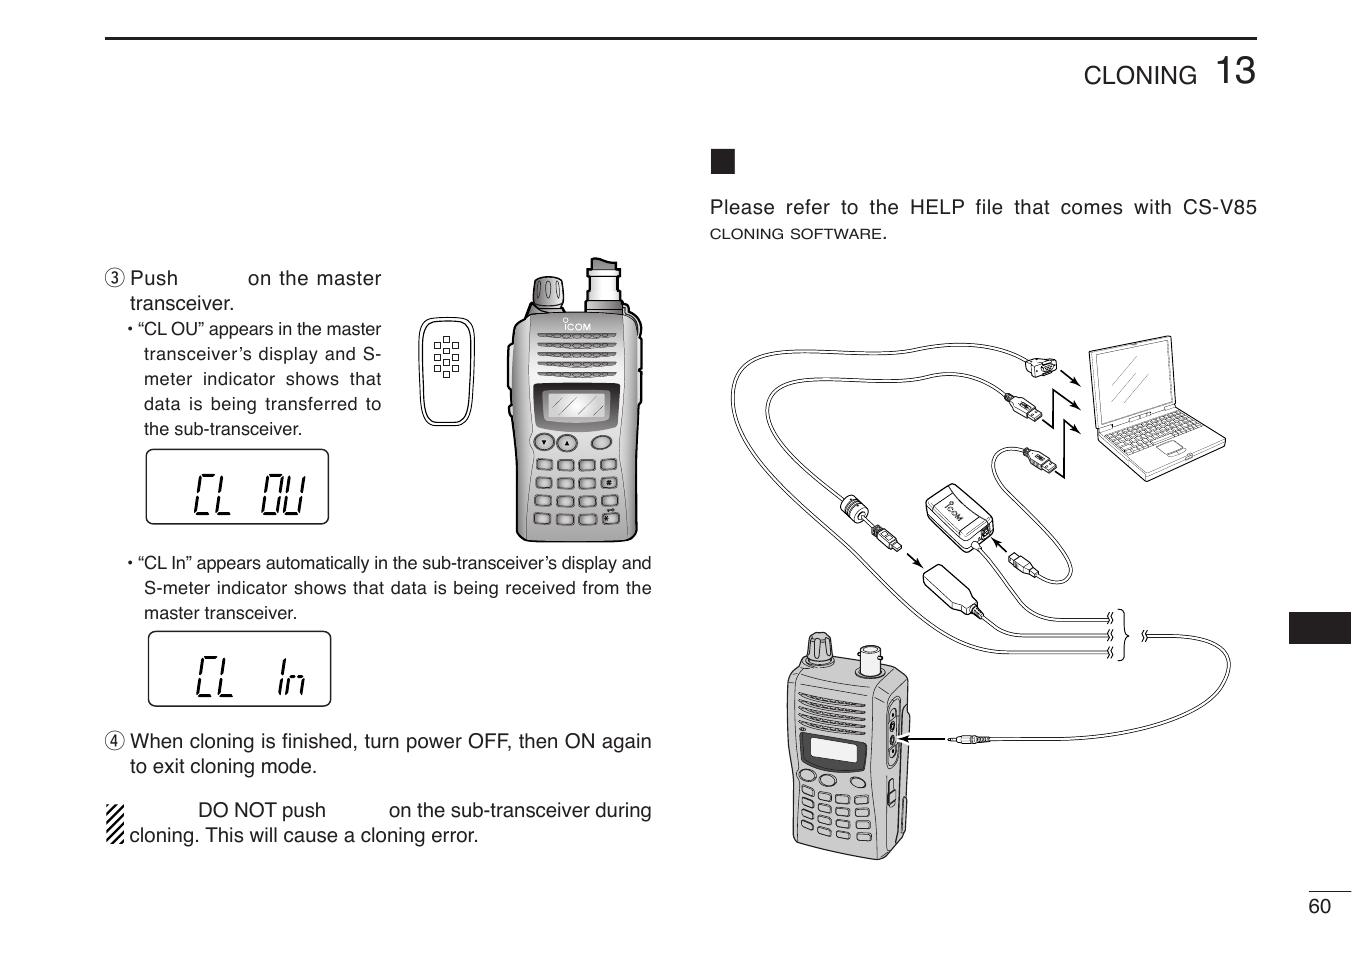 cloning using a pc cloning icom ic v85 t user manual page 73 80 rh manualsdir com icom ic-v85 manual pdf icom ic-v85 user manual